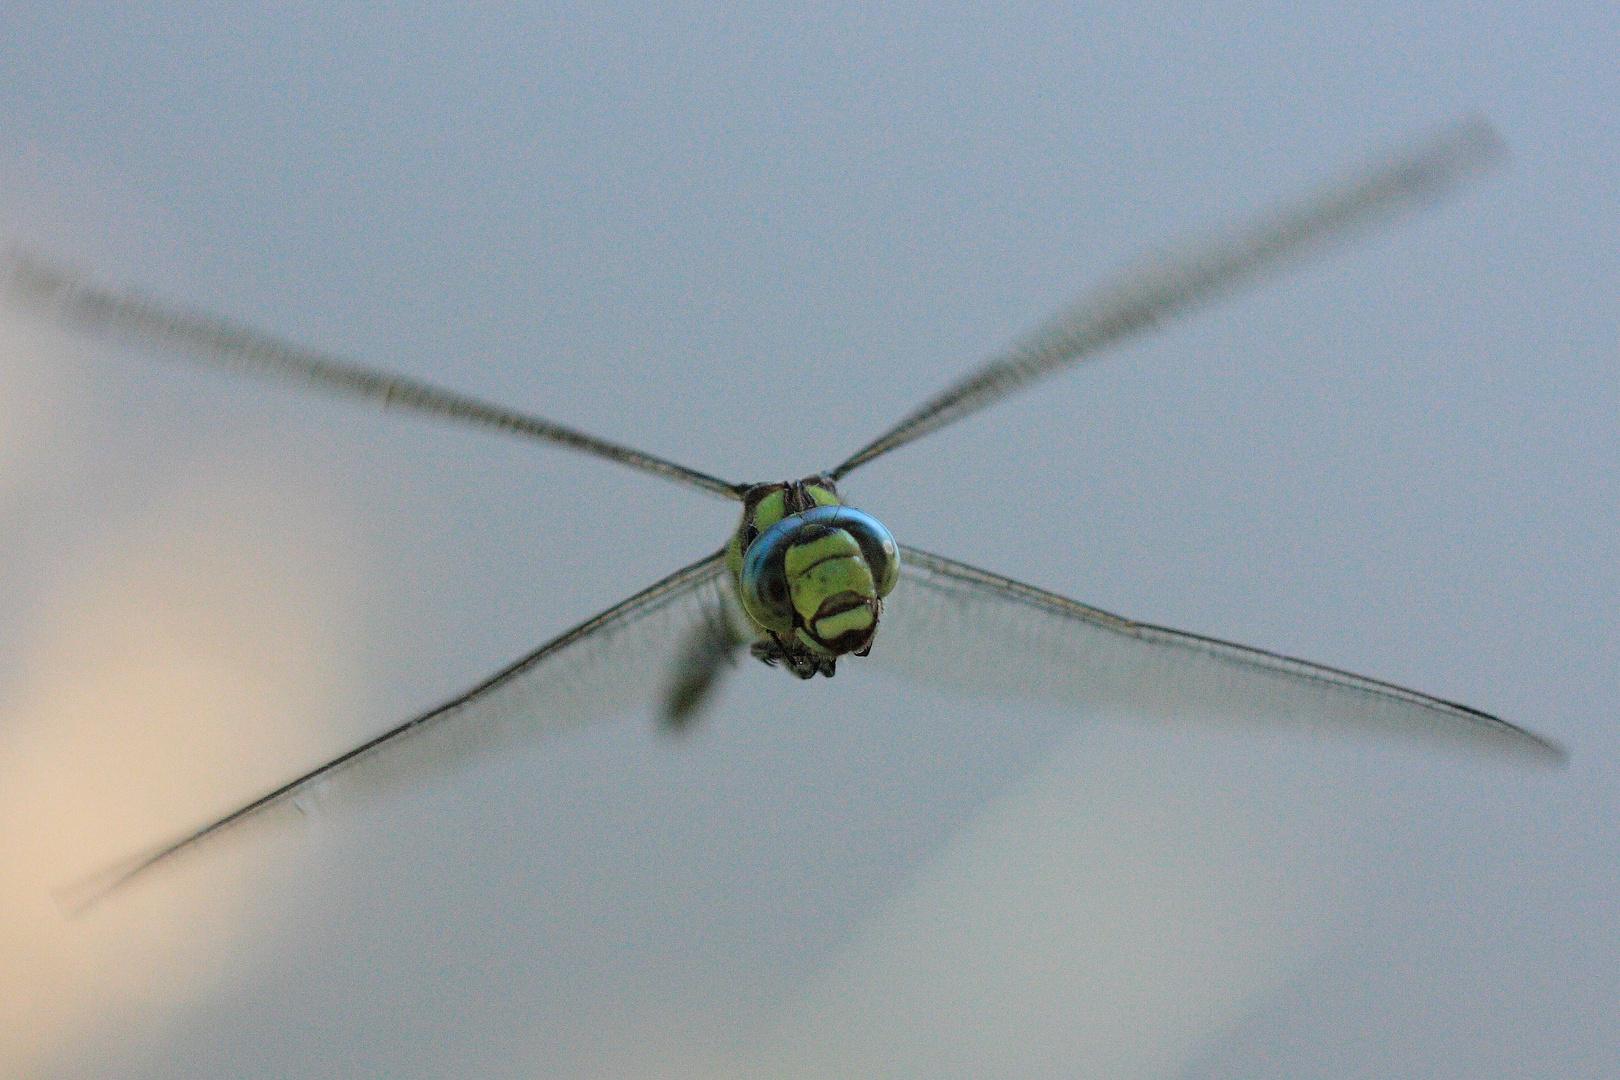 Hubschrauber, Alien oder doch eine Libelle?